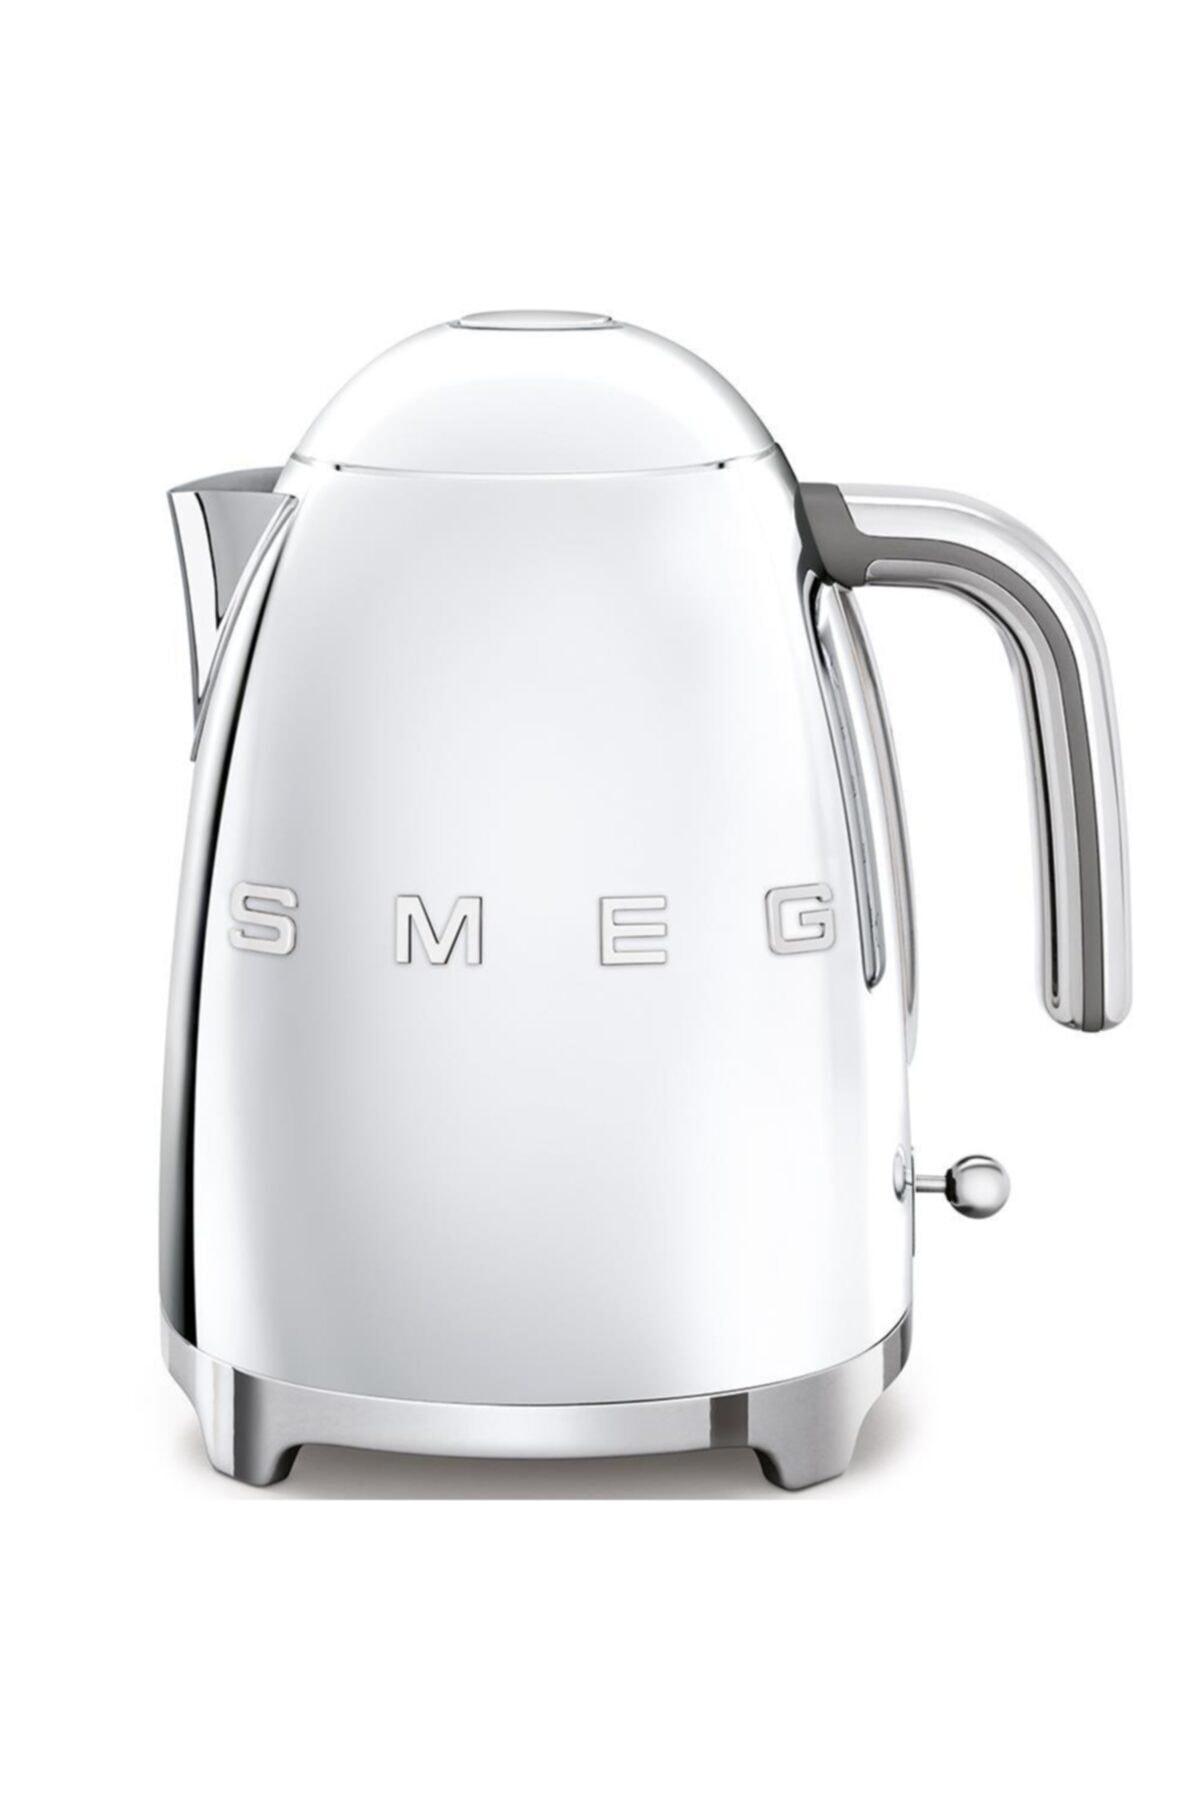 Smeg Paslanmaz Çelik Kettle Klf03sseu Fiyatı, Yorumları - Trendyol